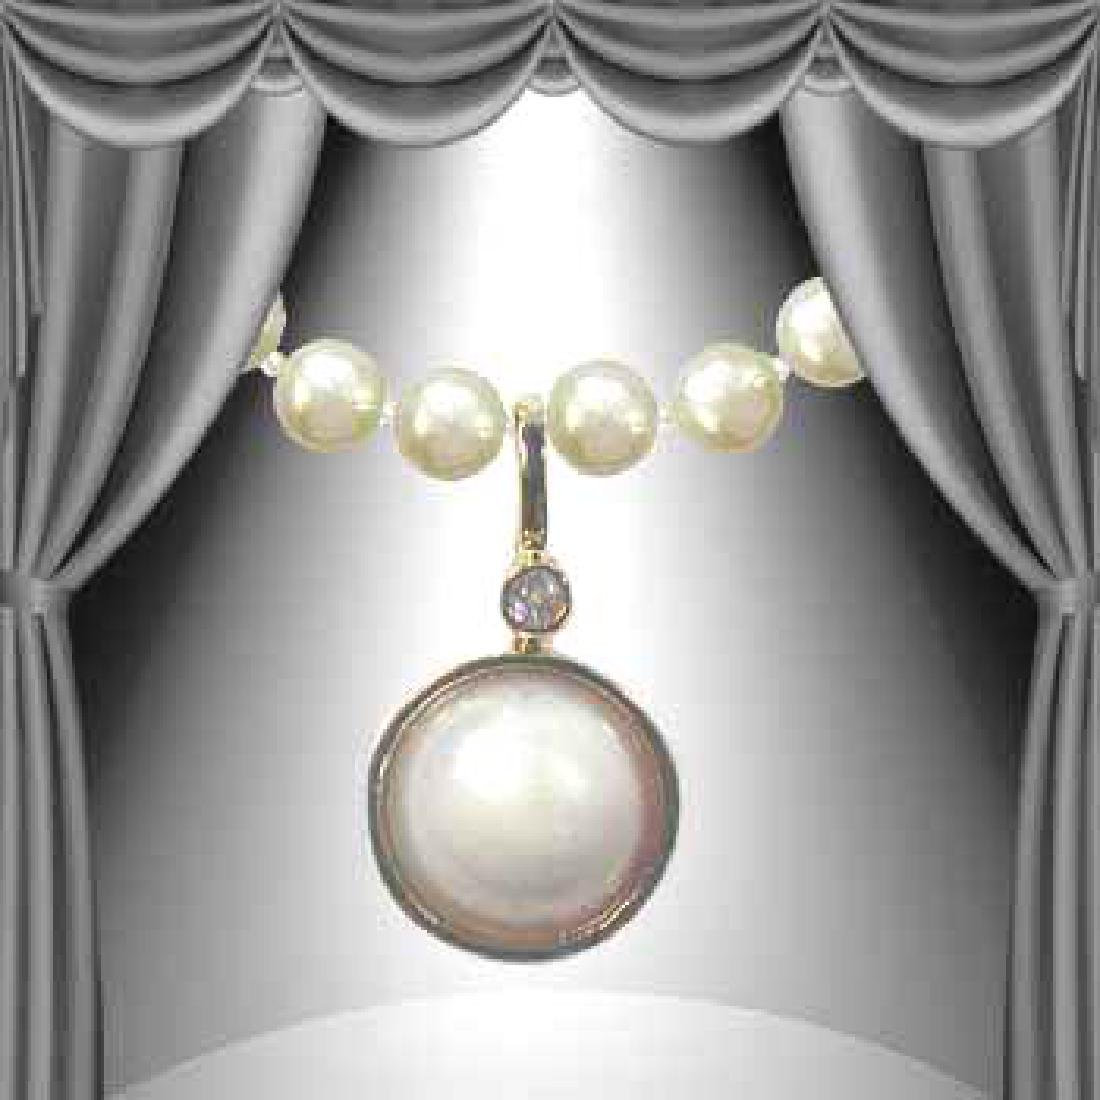 Genuine 12mm White Pearl Enhancer Pendant